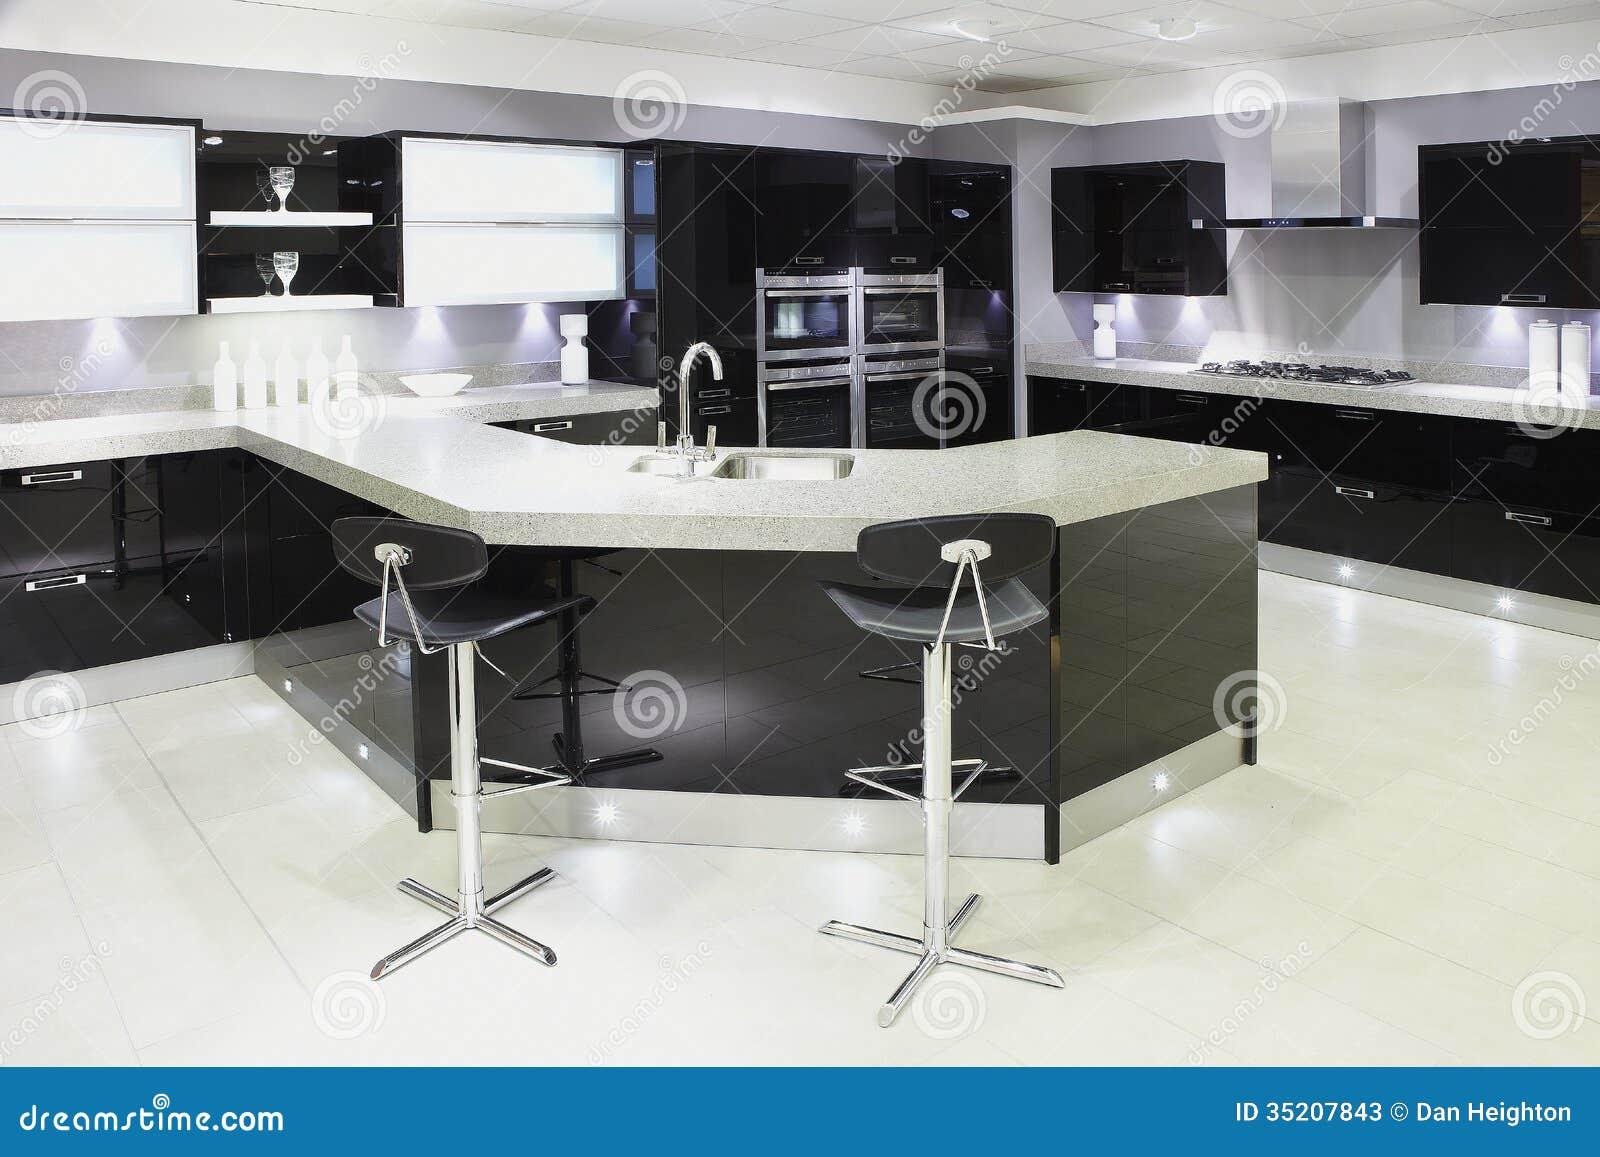 Interior kitchen designers trend home design and decor